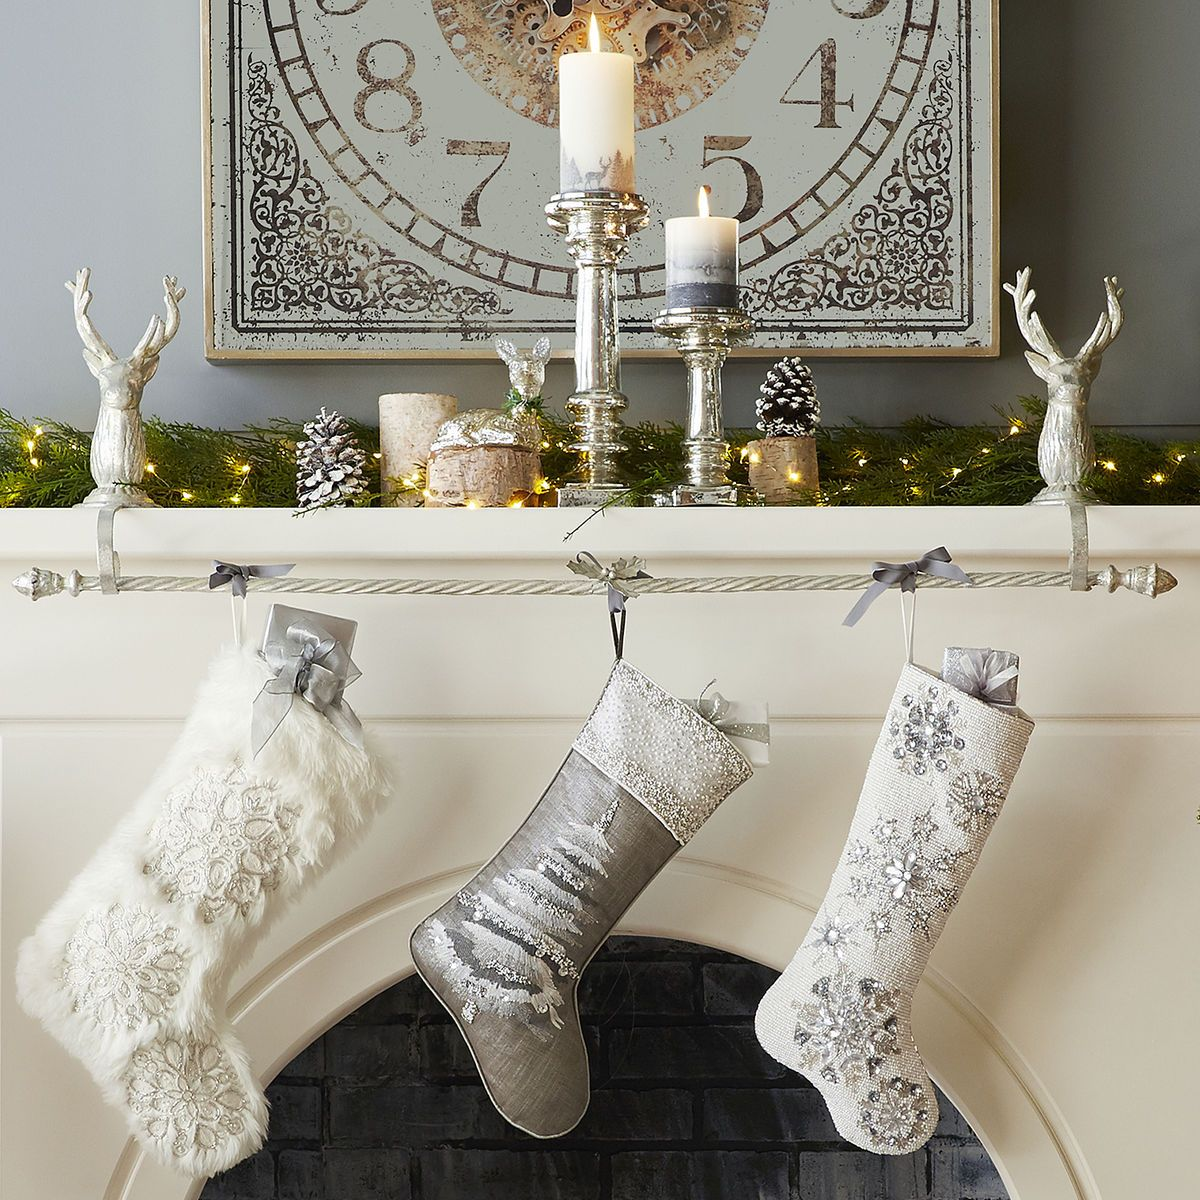 silver deer stocking holder rod set pier 1 imports. Black Bedroom Furniture Sets. Home Design Ideas